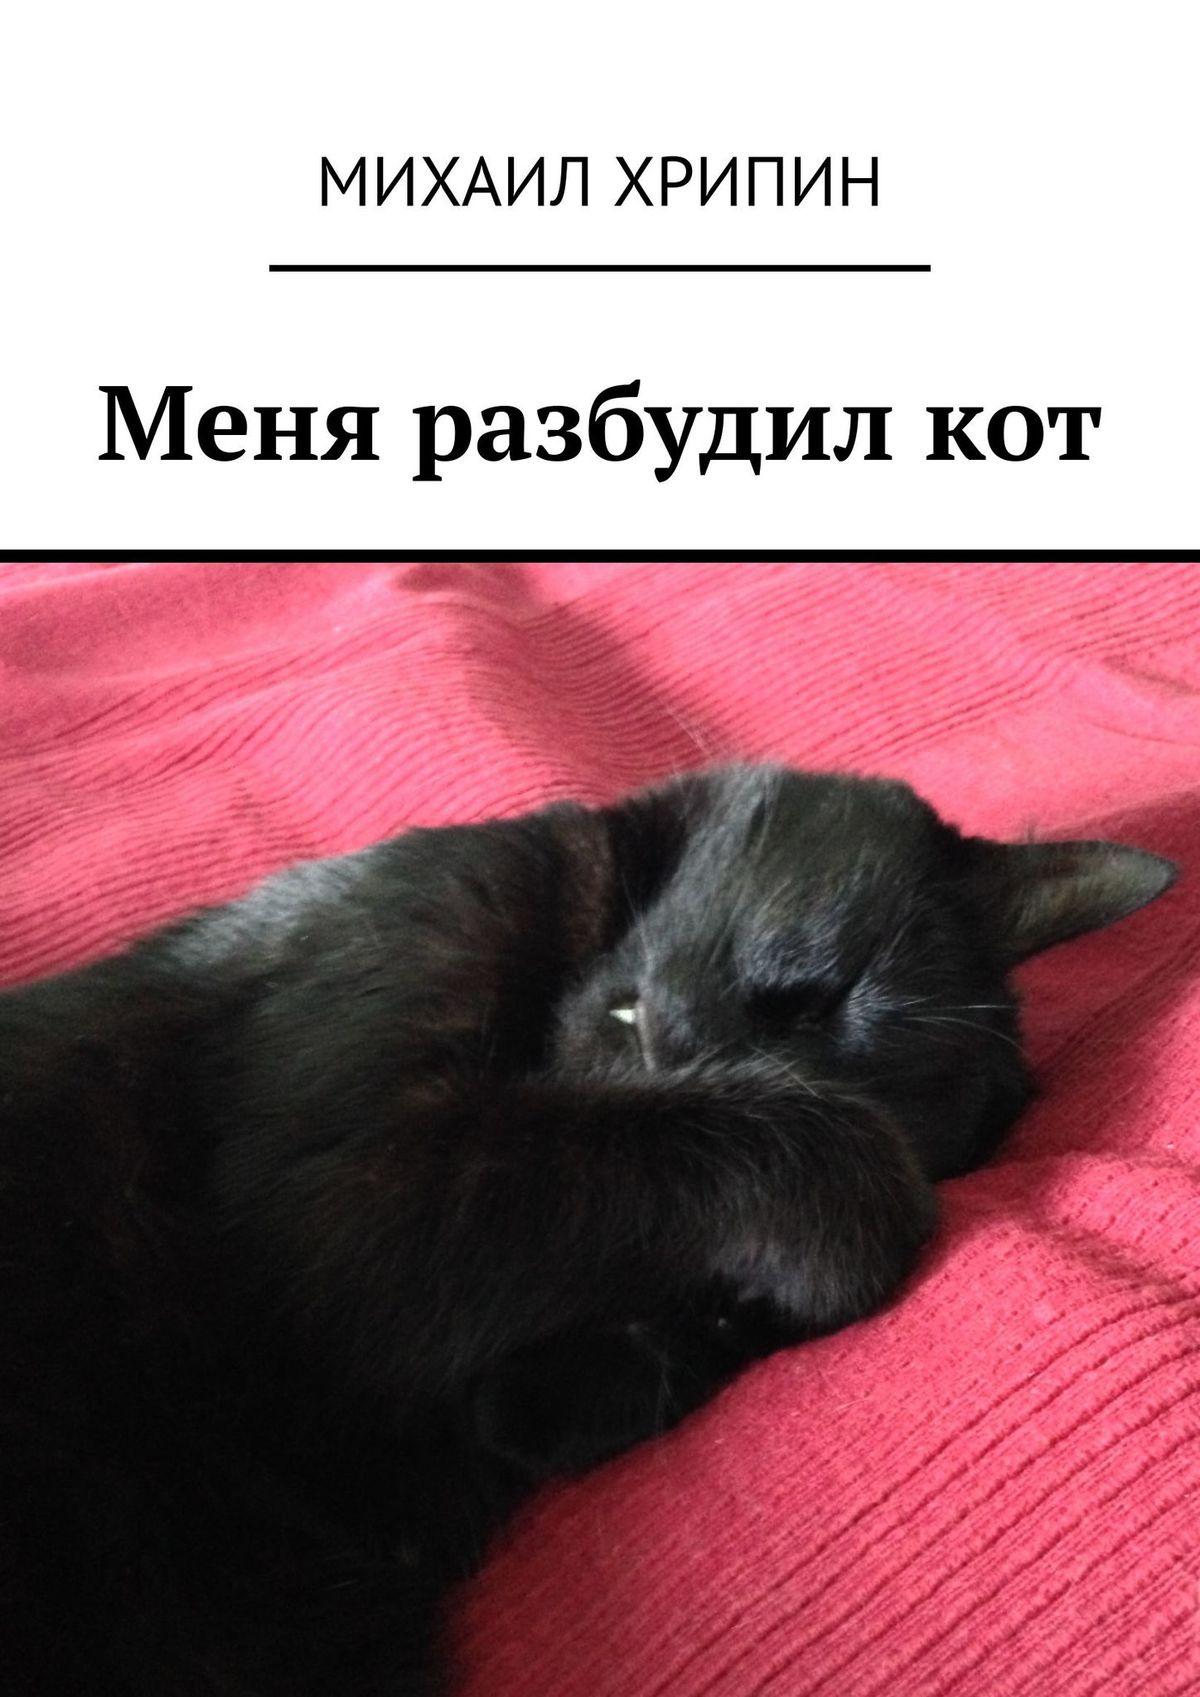 Михаил Хрипин Меня разбудил кот (сборник) десять рассказов